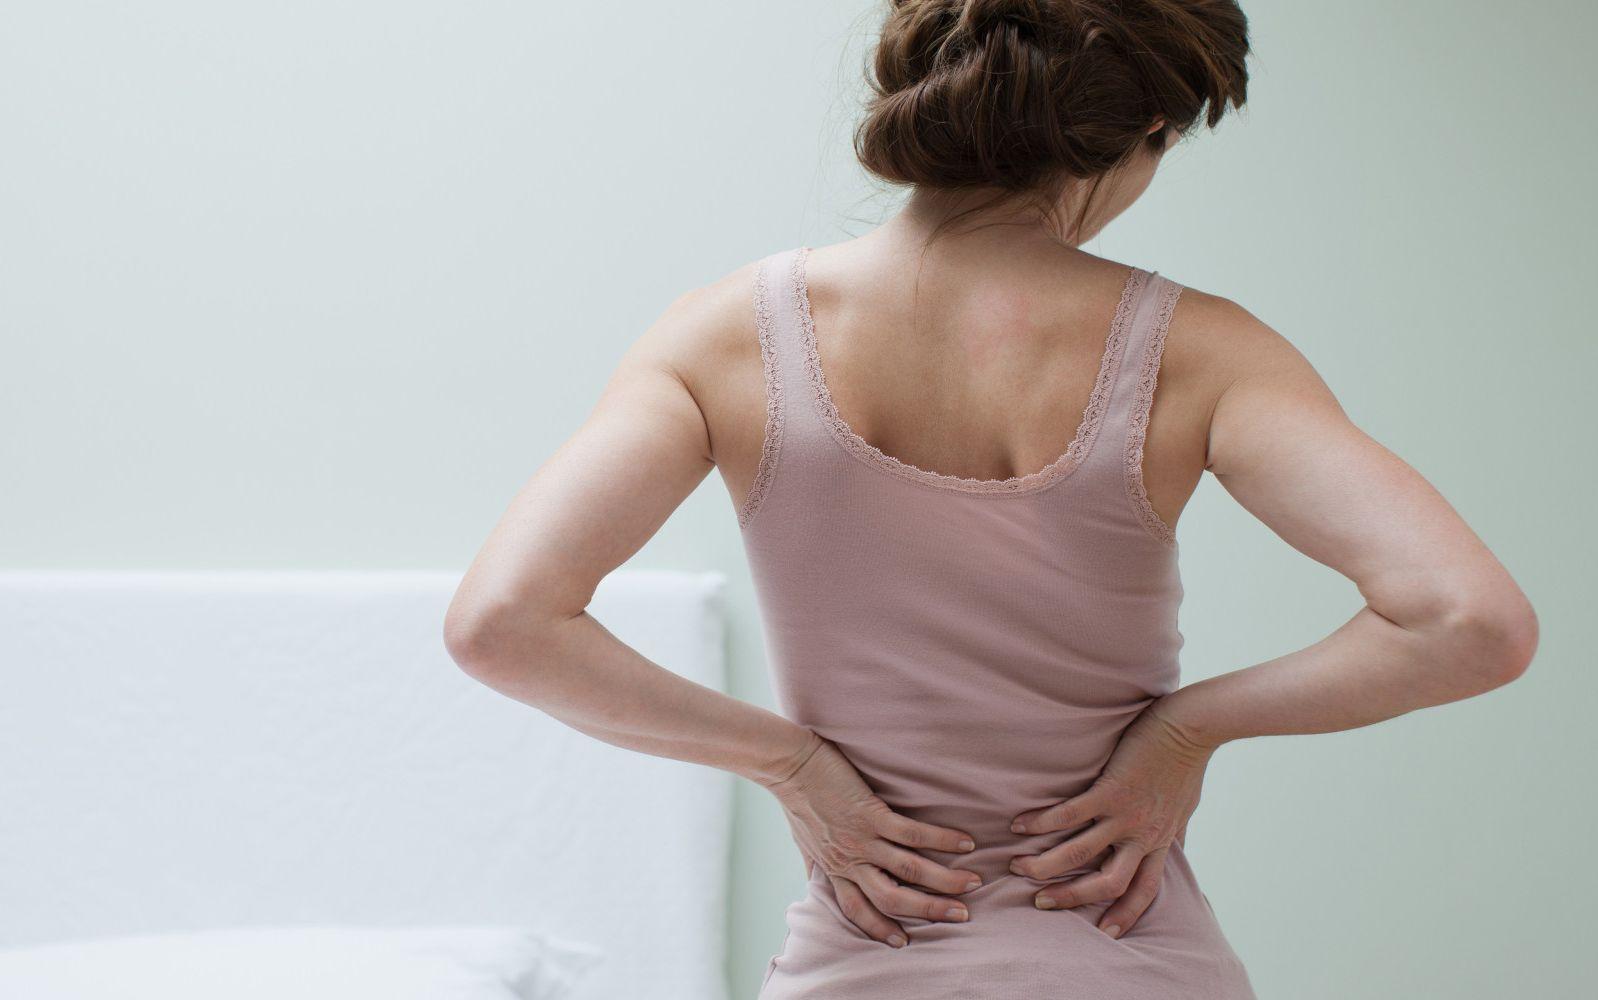 triệu chứng đau lưng cấp tính